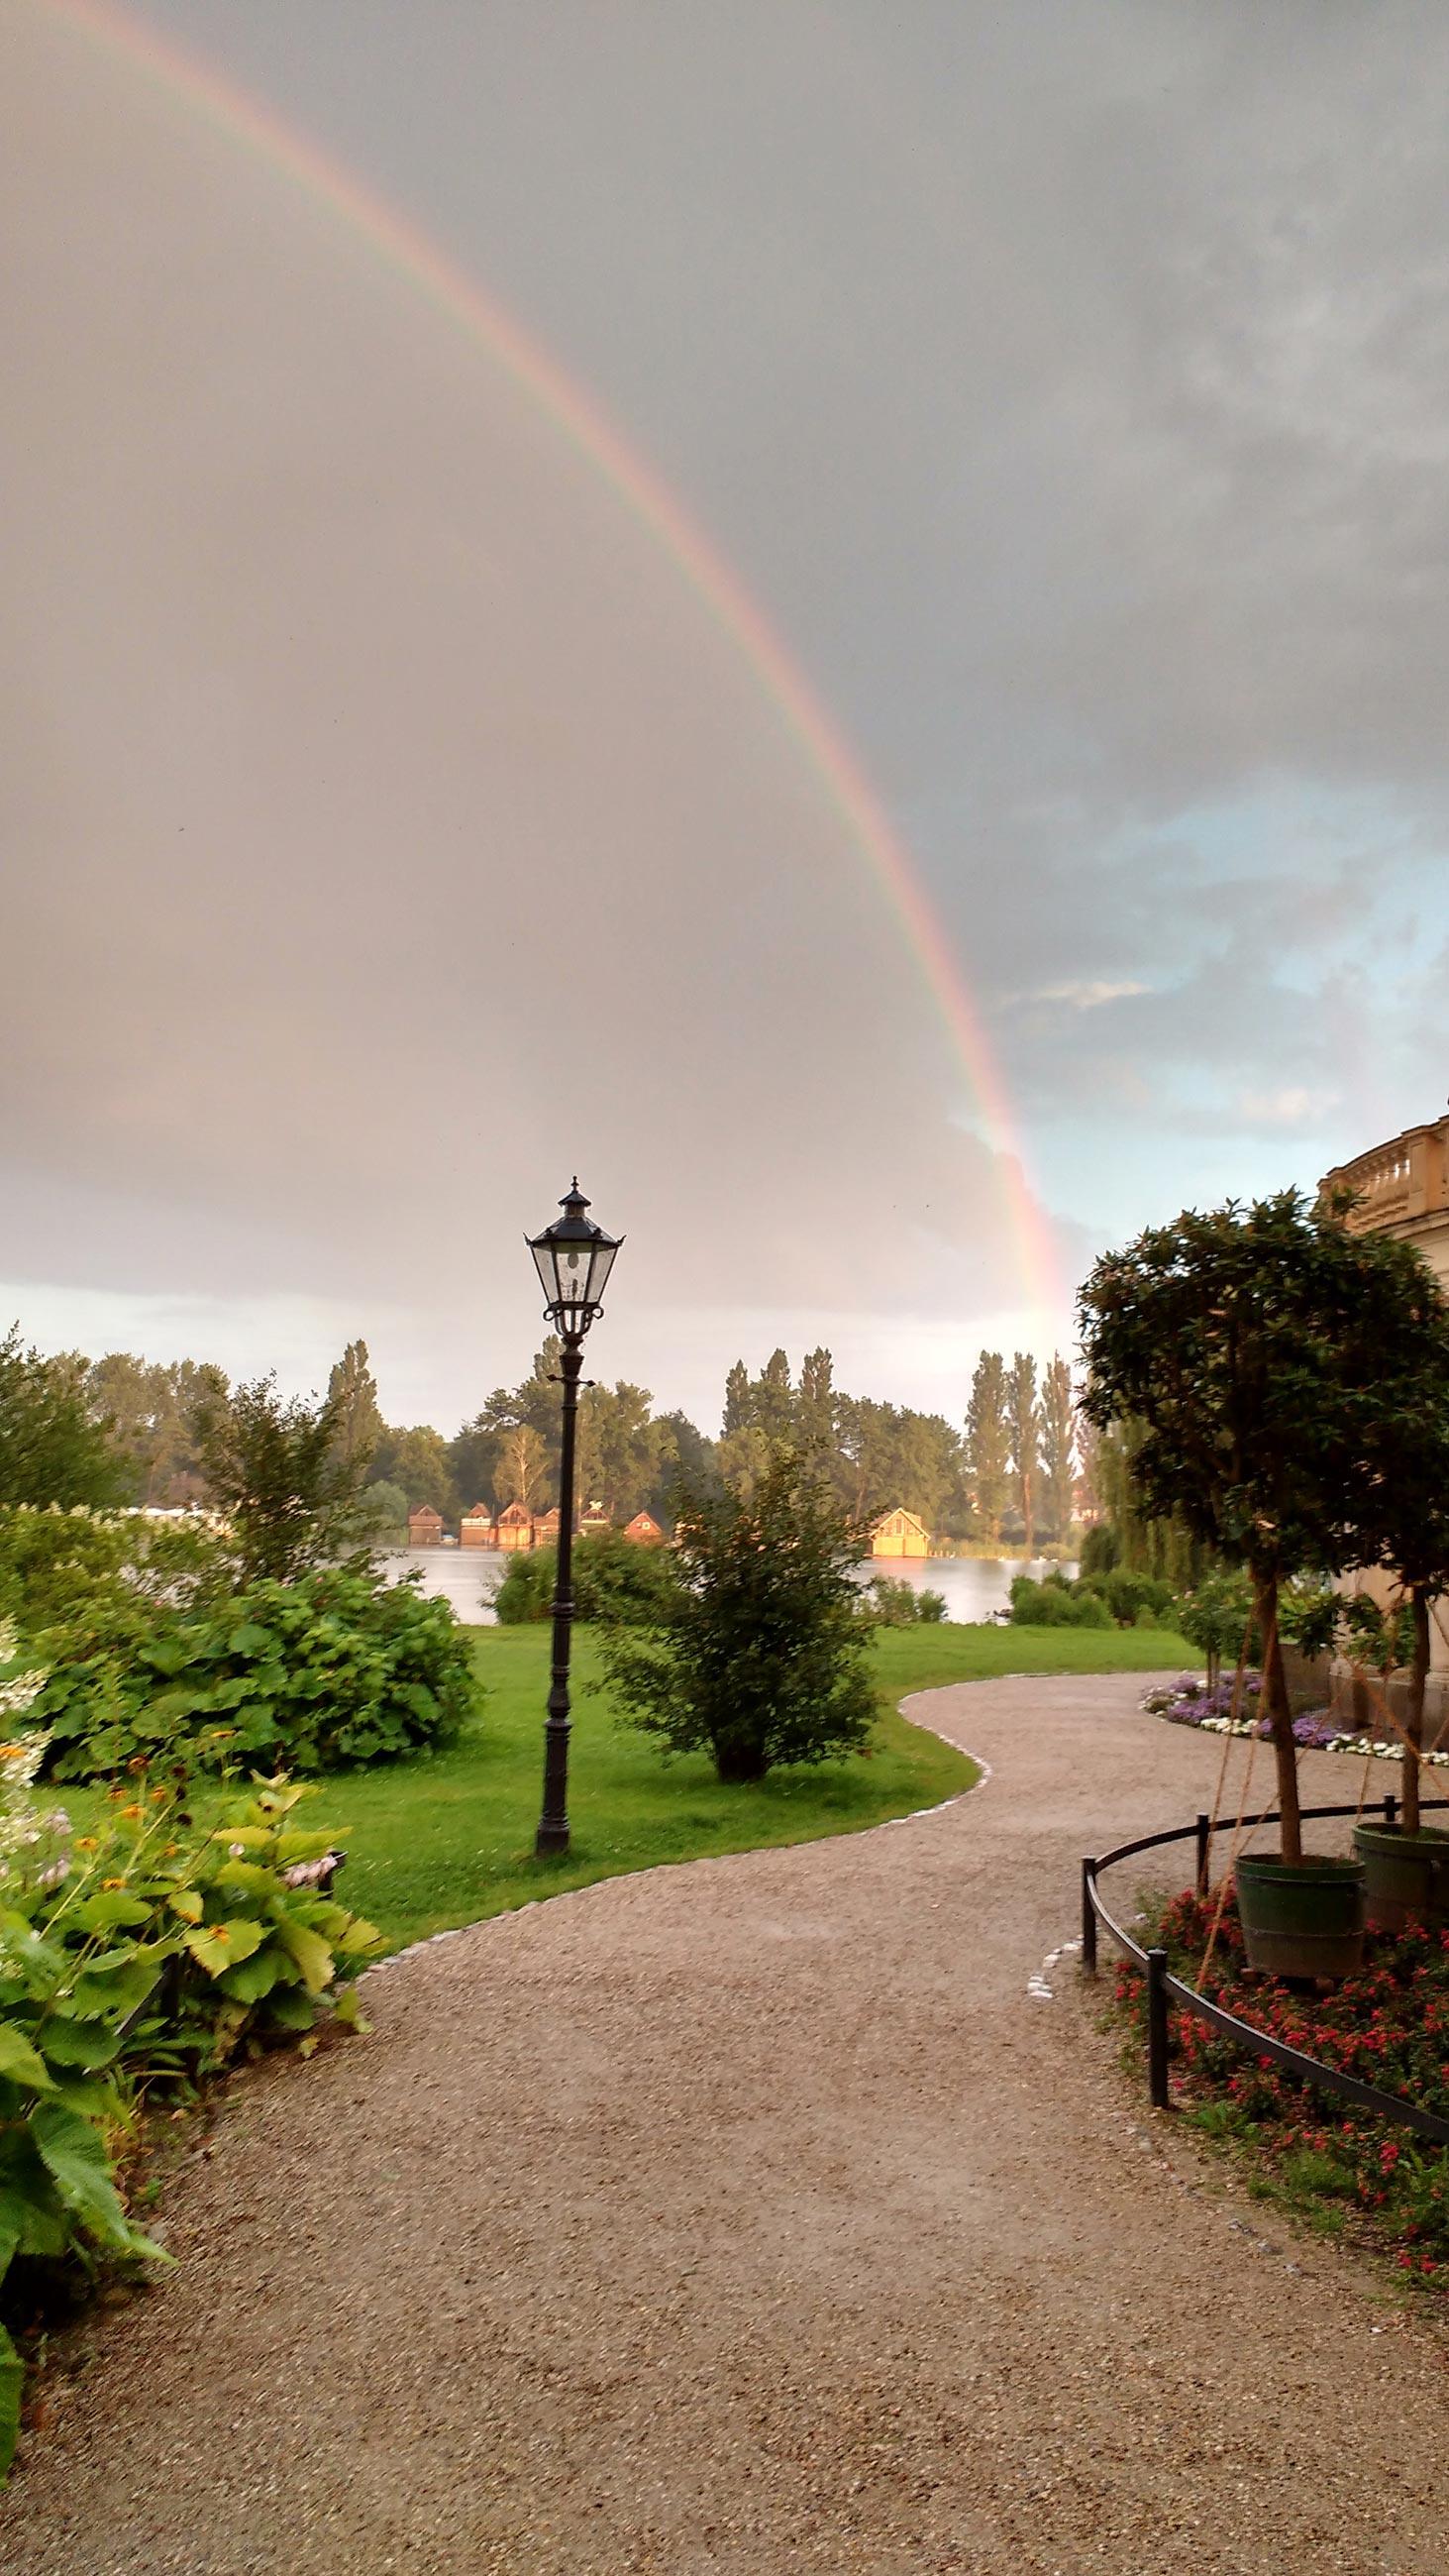 Weg zum Schweriner See mit Regenbogen